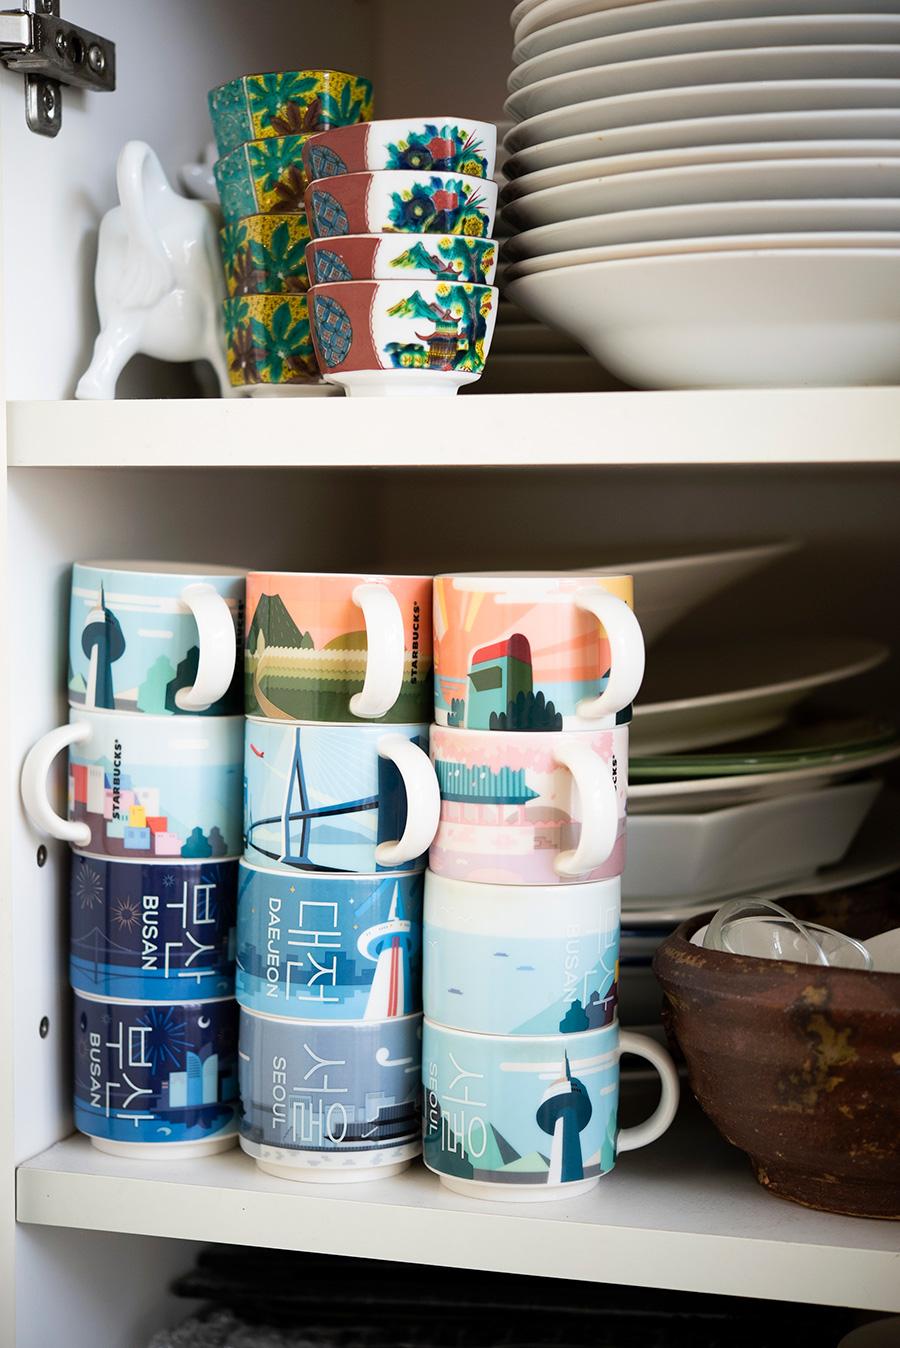 韓国のスターバックスで売られているデミタスカップは、スタッキングできて便利。韓国の街の名前がハングルで入れられている。